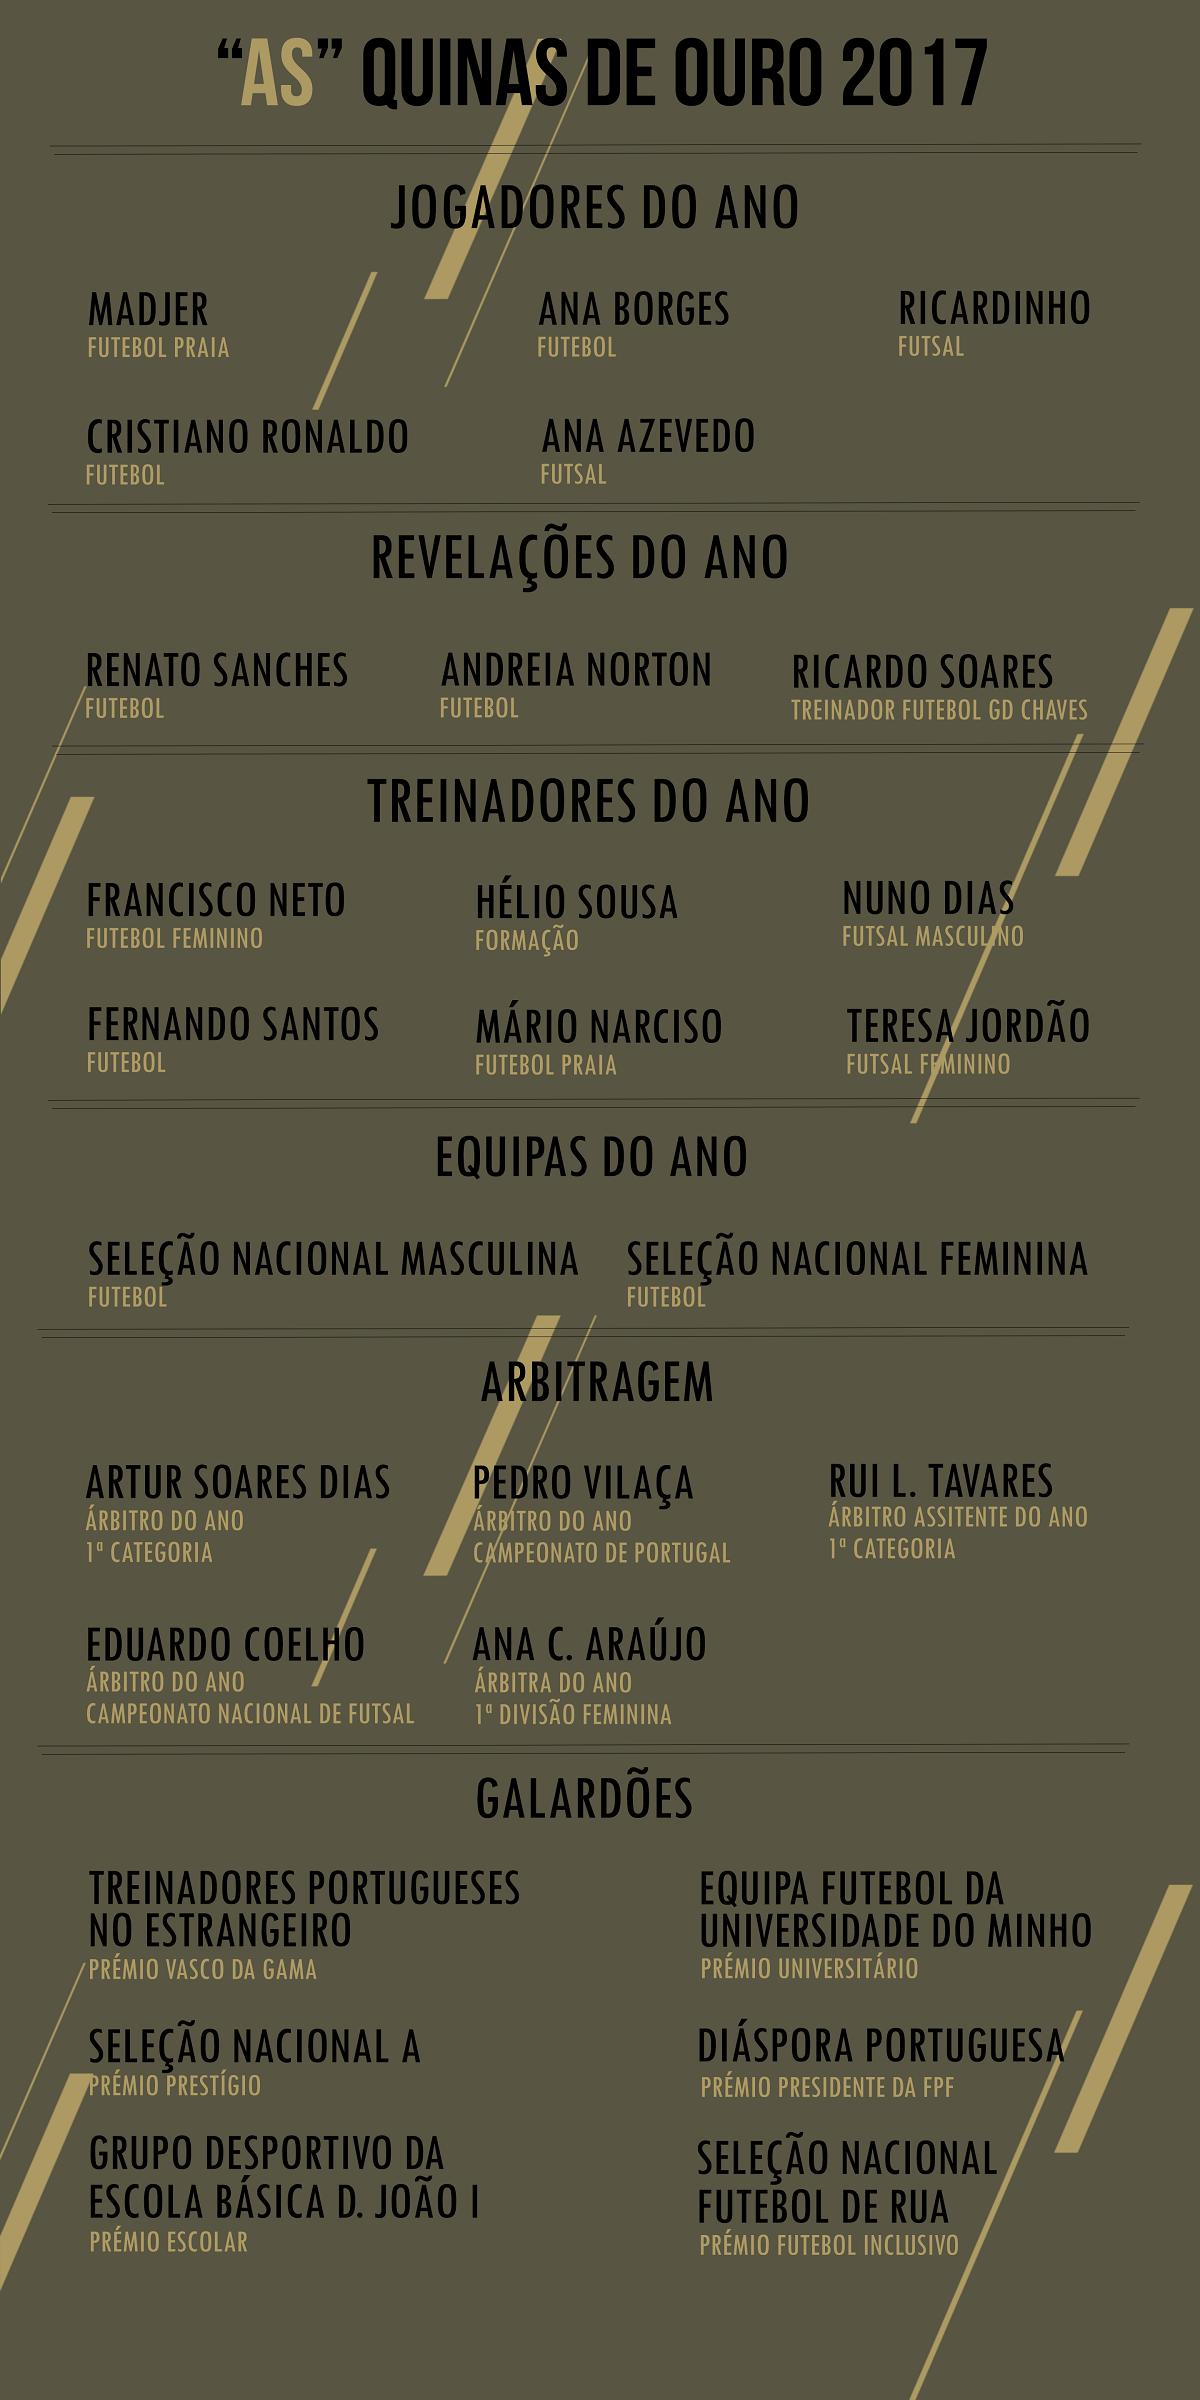 Infografia: Inês Silva Pereira